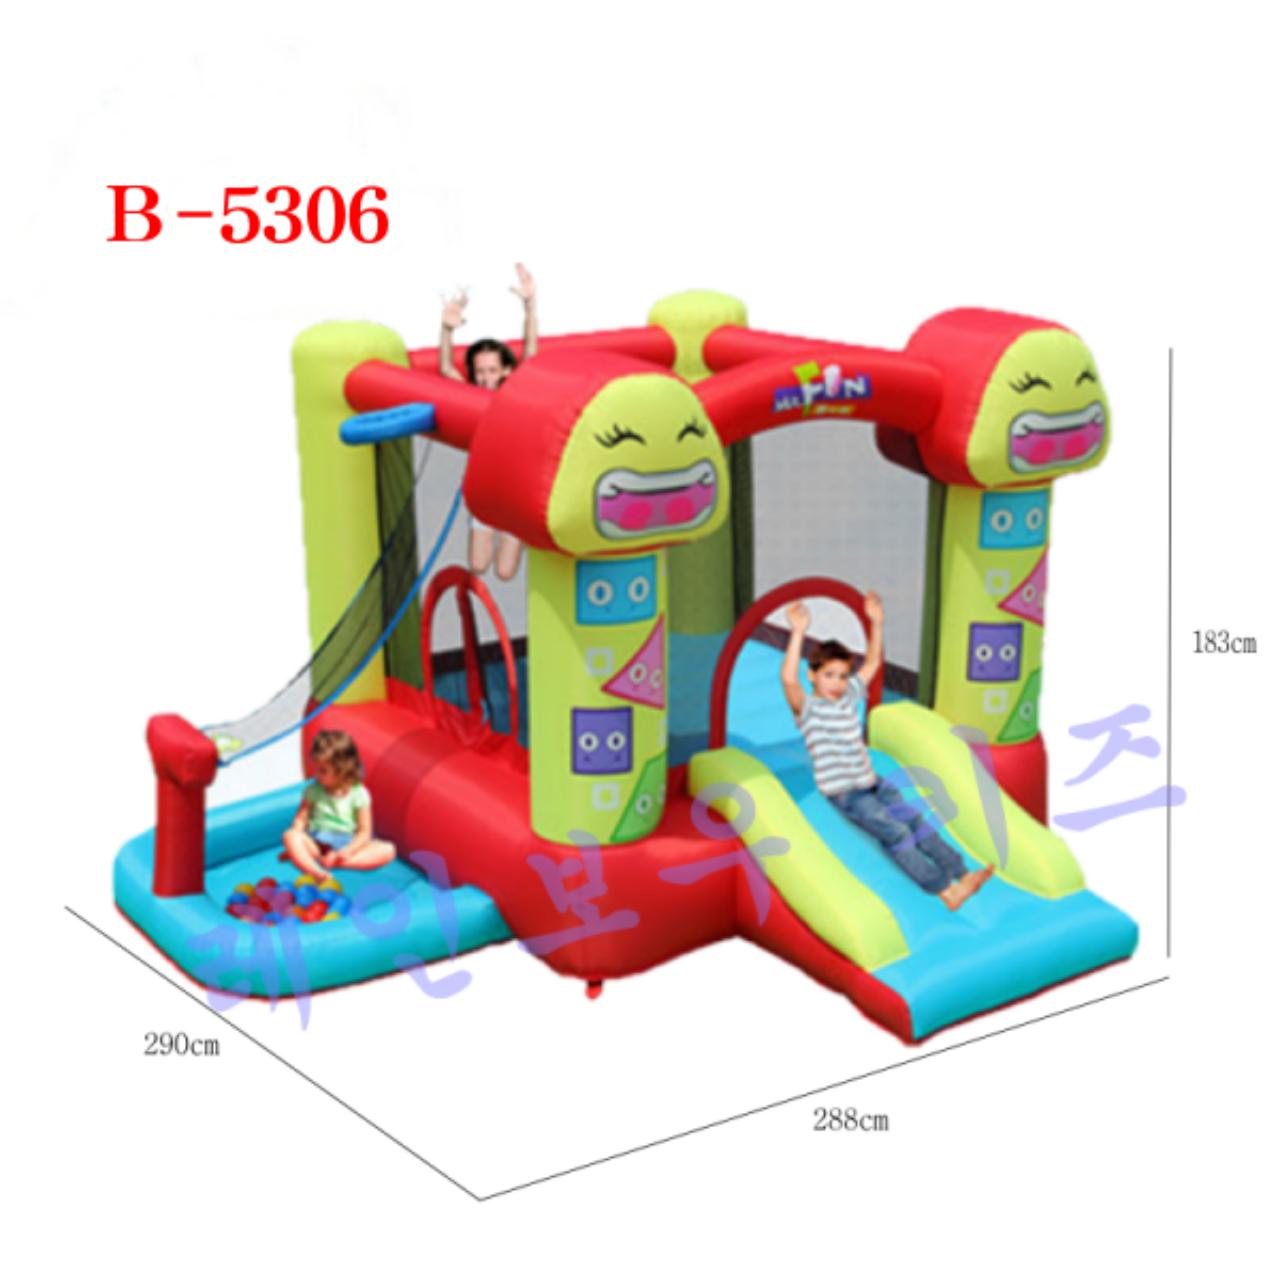 [레인보우키즈]에어바운스 실내 미끄럼틀 미니바운스 방방이 놀이터 B타입, B-5306